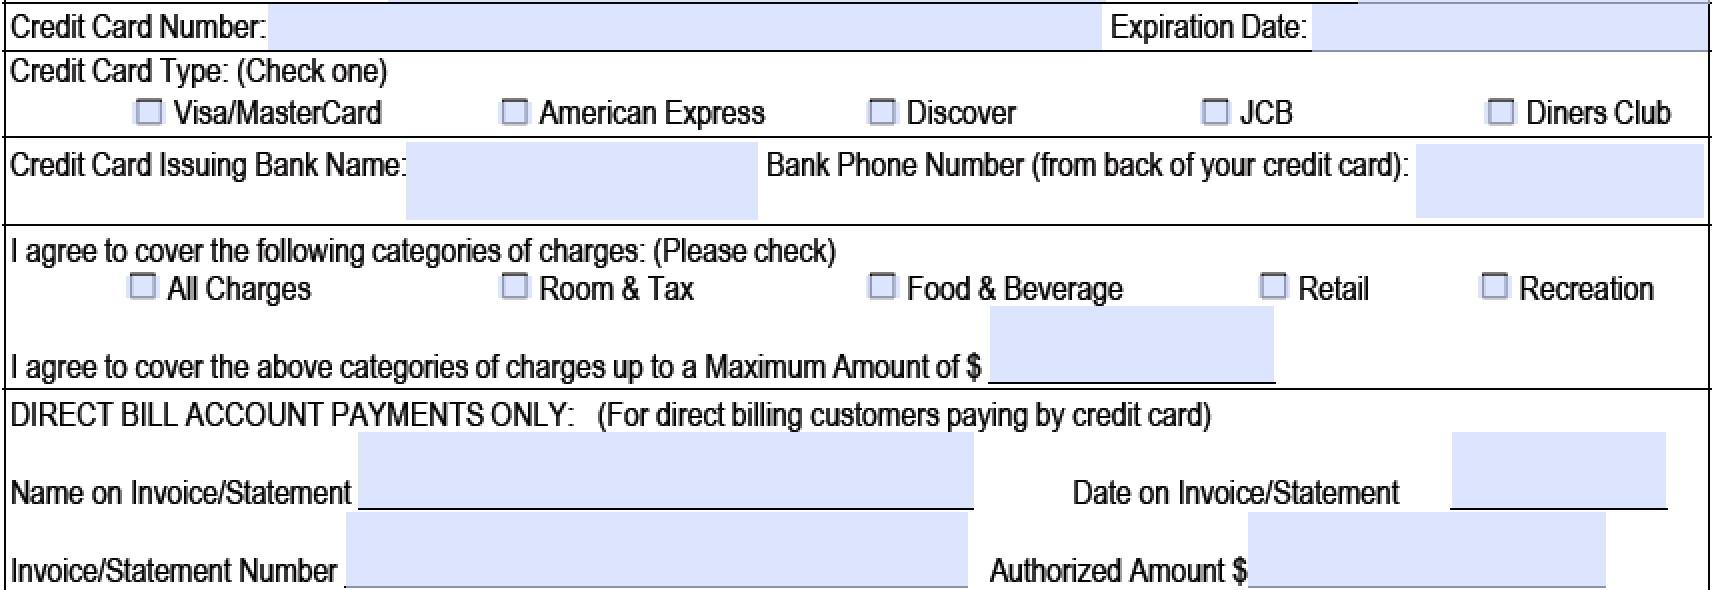 Hilton-Credit-Card-Authorization-Form-Part-2-Credit-